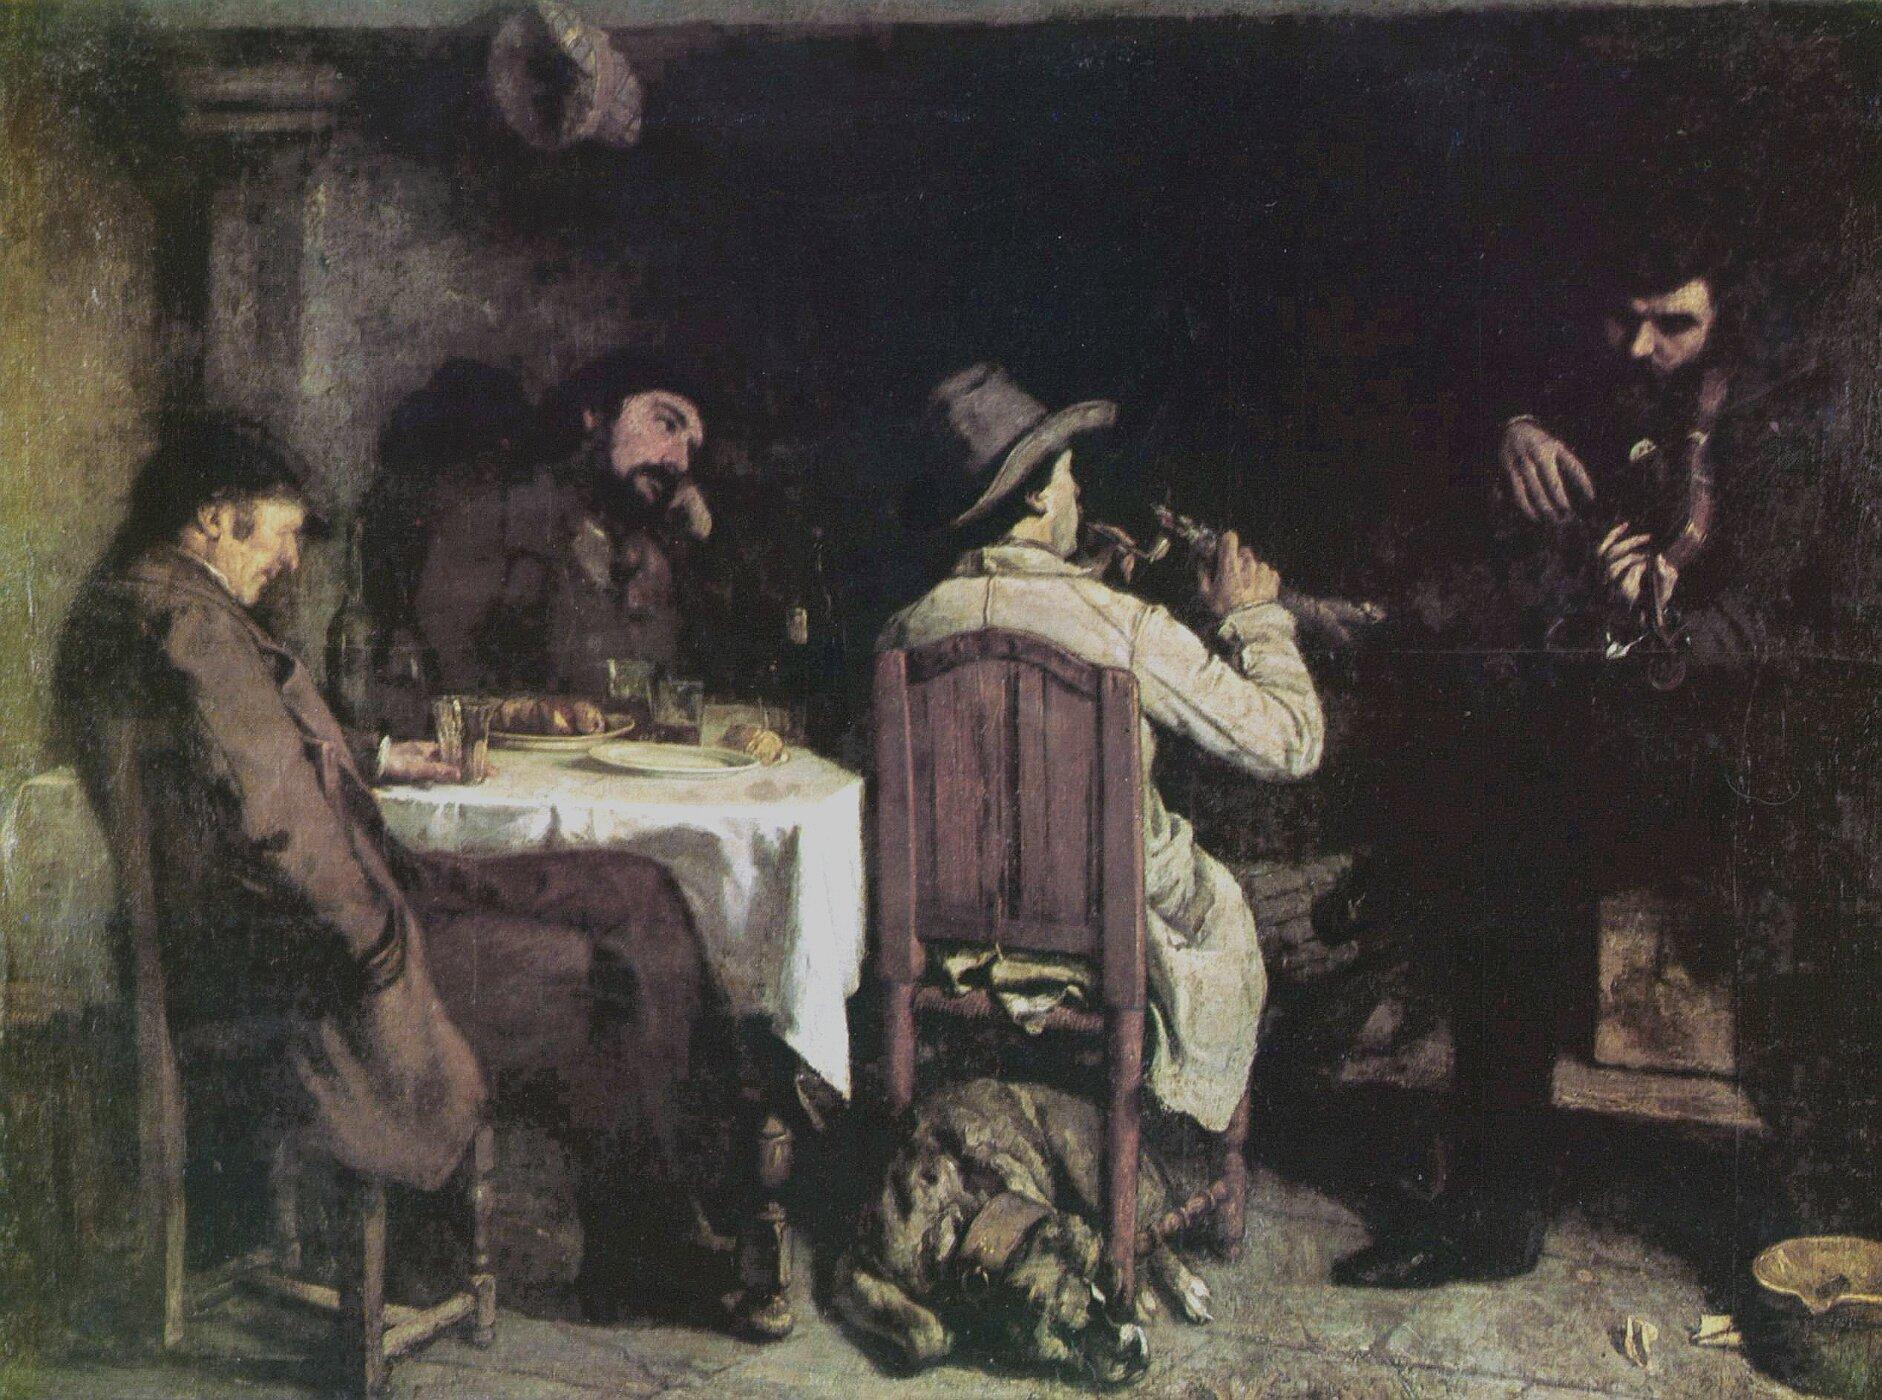 Obraz  przedstawia czterech mężczyzn. Trzech siedzi przy stole, czwarty siedzi nieco obok igra na jakimś instrumencie. Pod krzesłem jednego zmężczyzn leży pies. Wszyscy ubrani są wproste stroje. Wnętrze pomieszczenia, wktórym siedzą, tonie wpółmroku..